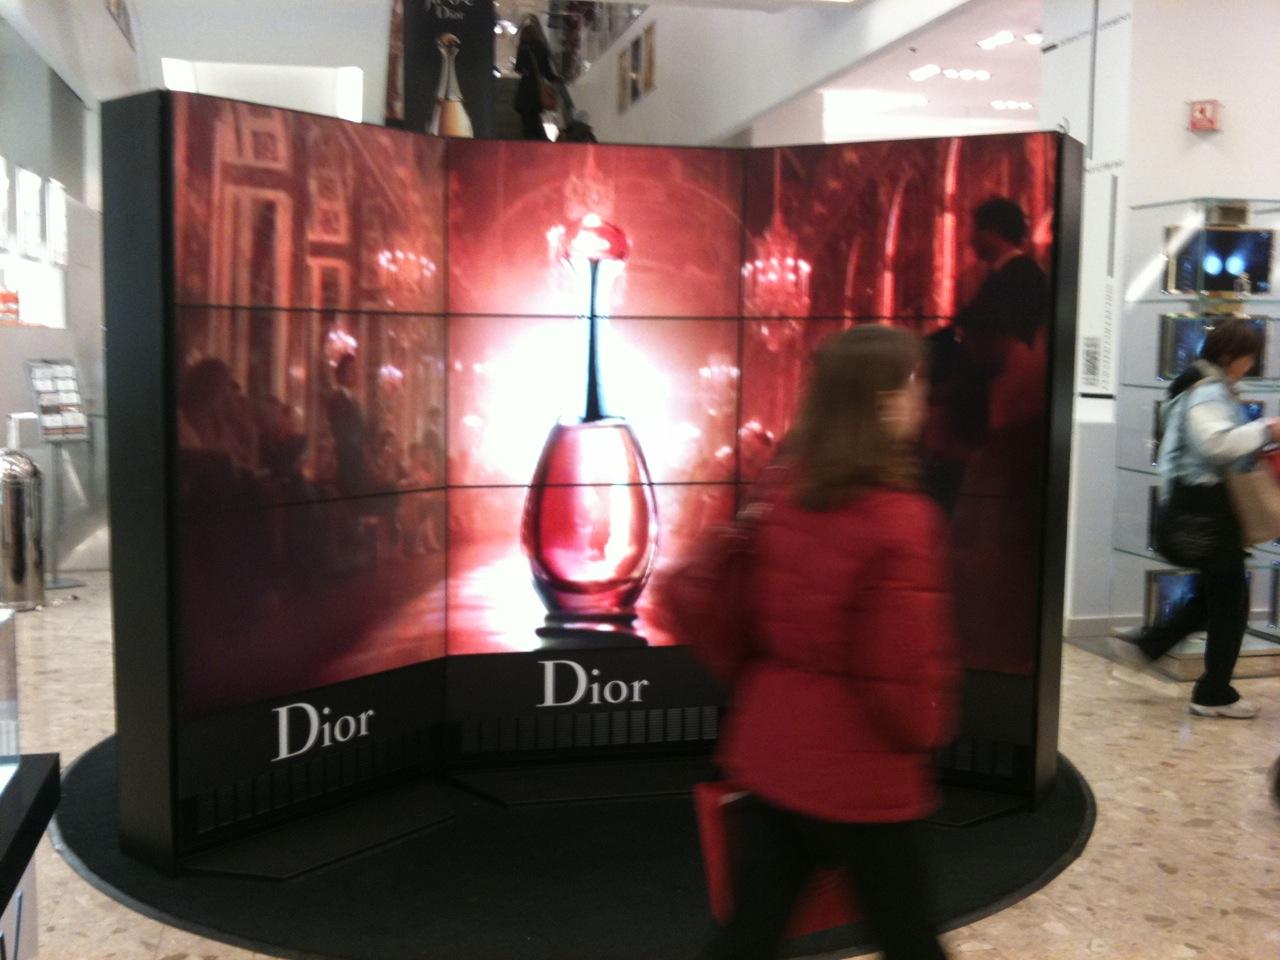 Dior Uses Portable Video Walls At The Bay « DailyDOOH